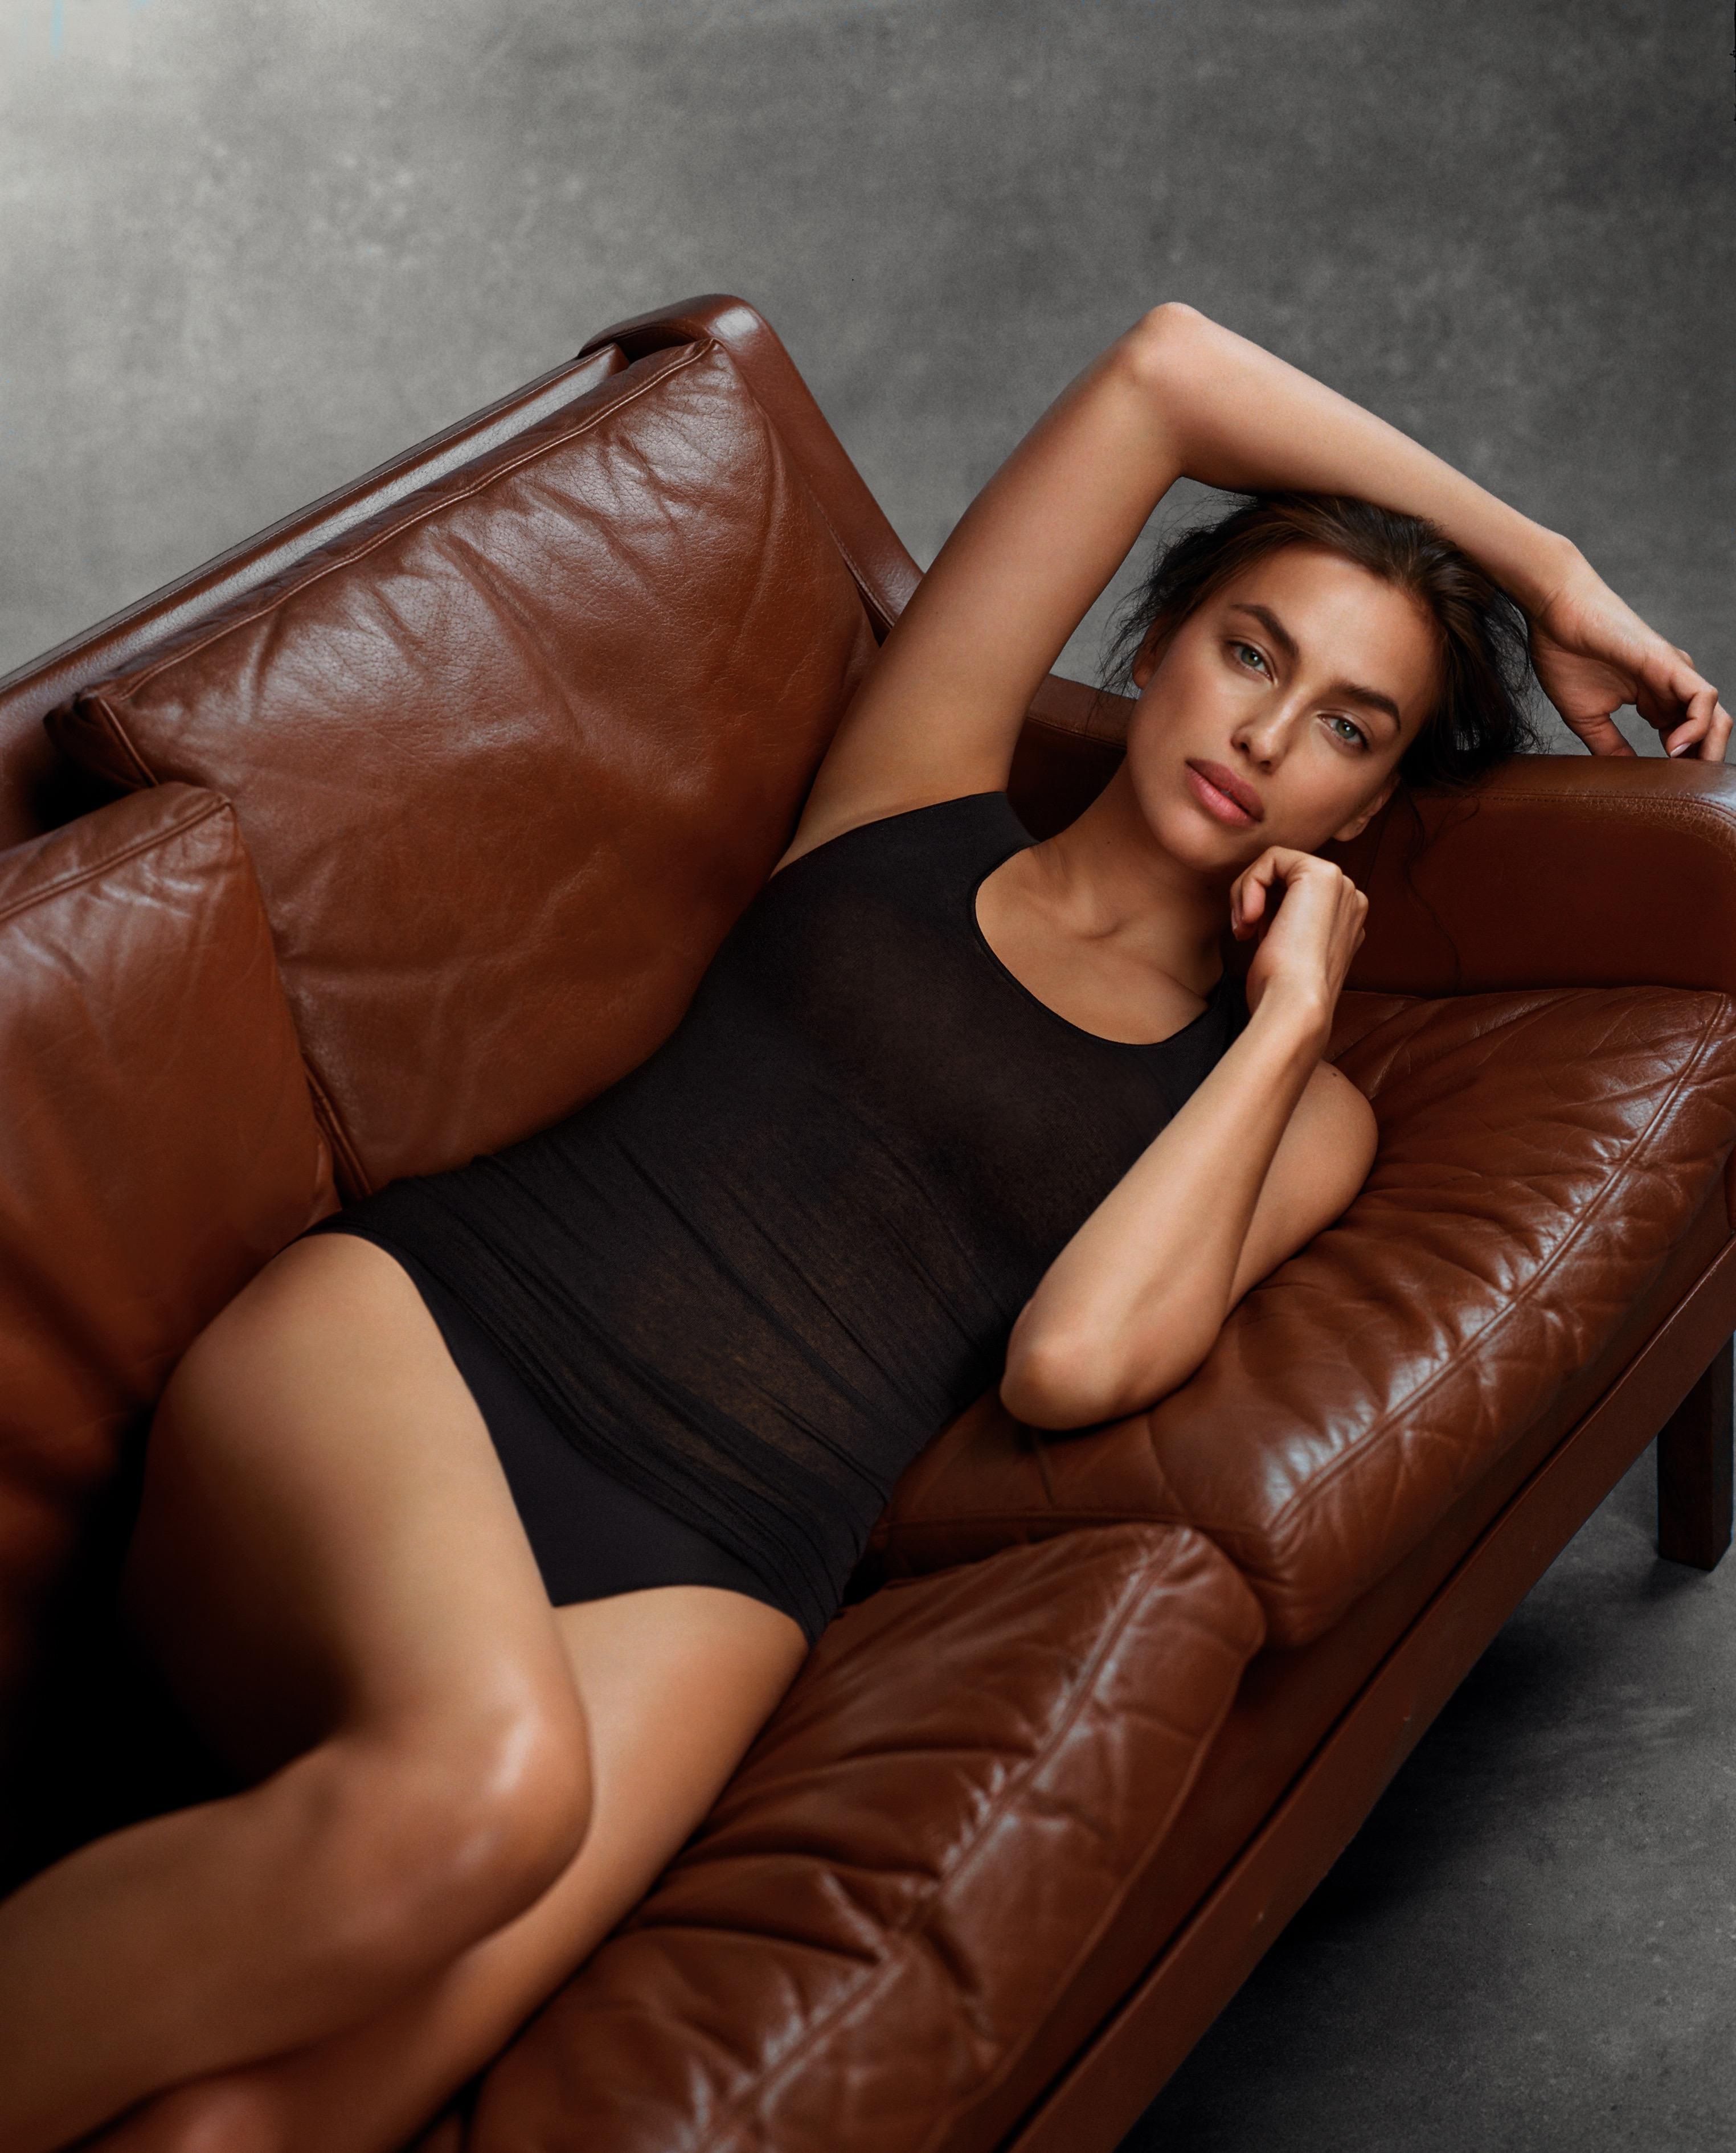 девушка снявшаяся в рекламе интимиссими имеем разведенную мать-одиночку